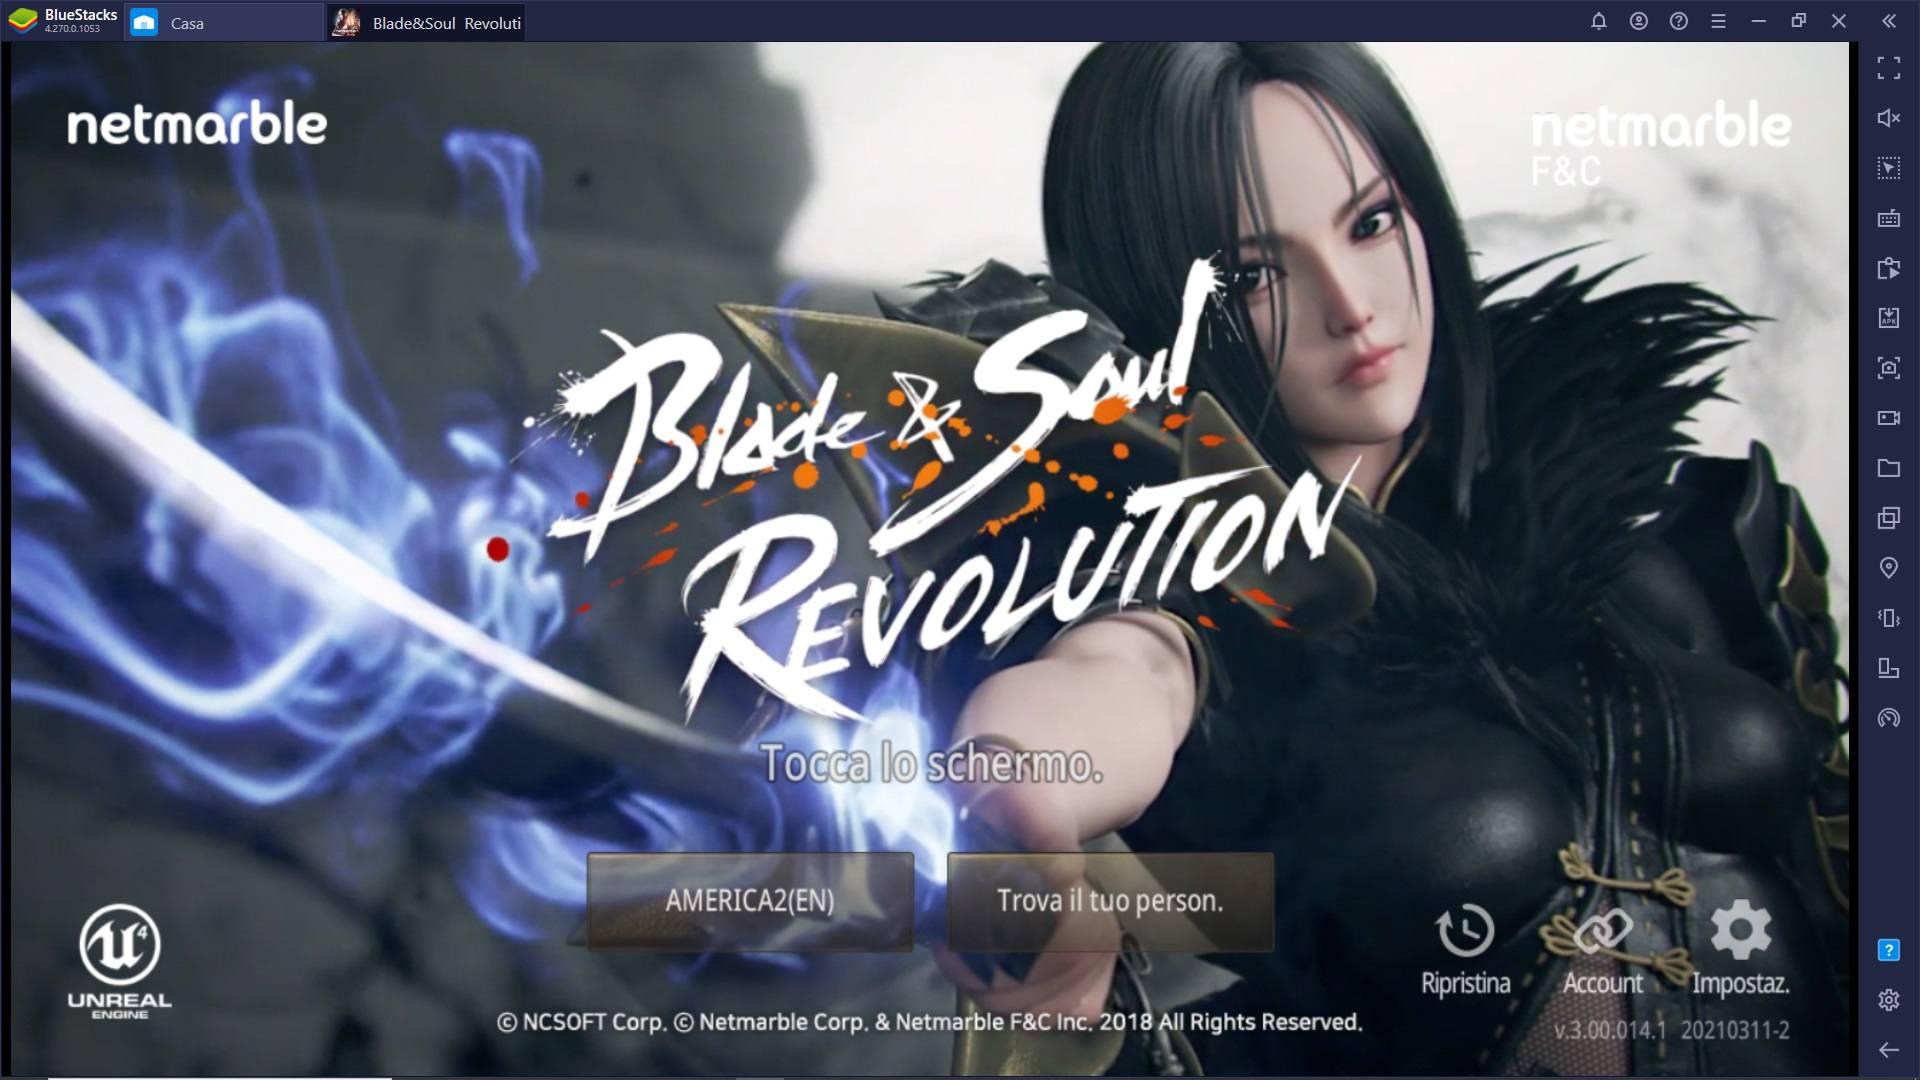 Guida alla scelta della Classe in Blade and Soul: Revolution